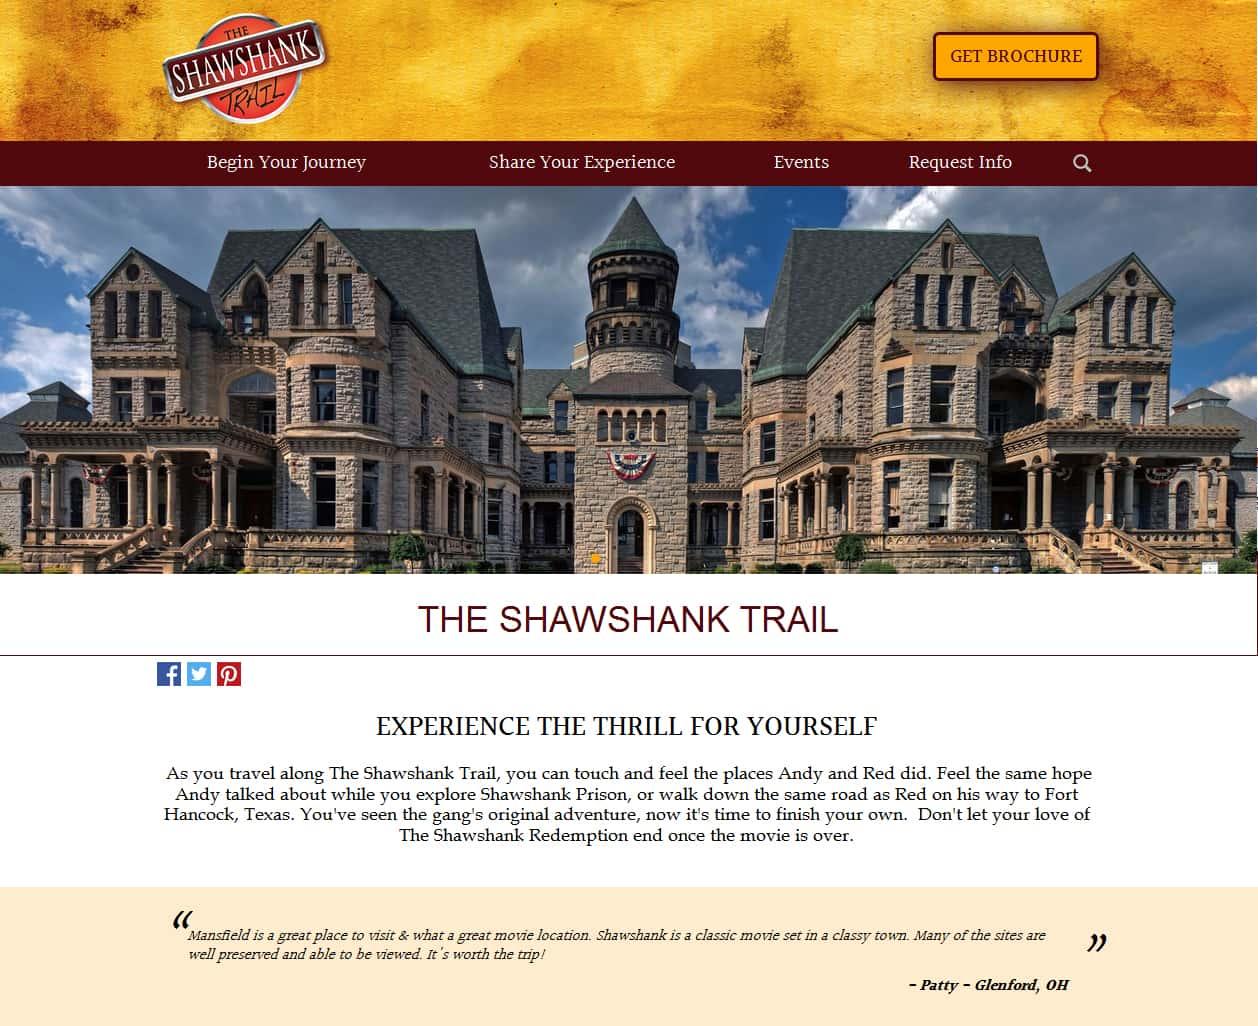 Shawshank Redemption facts